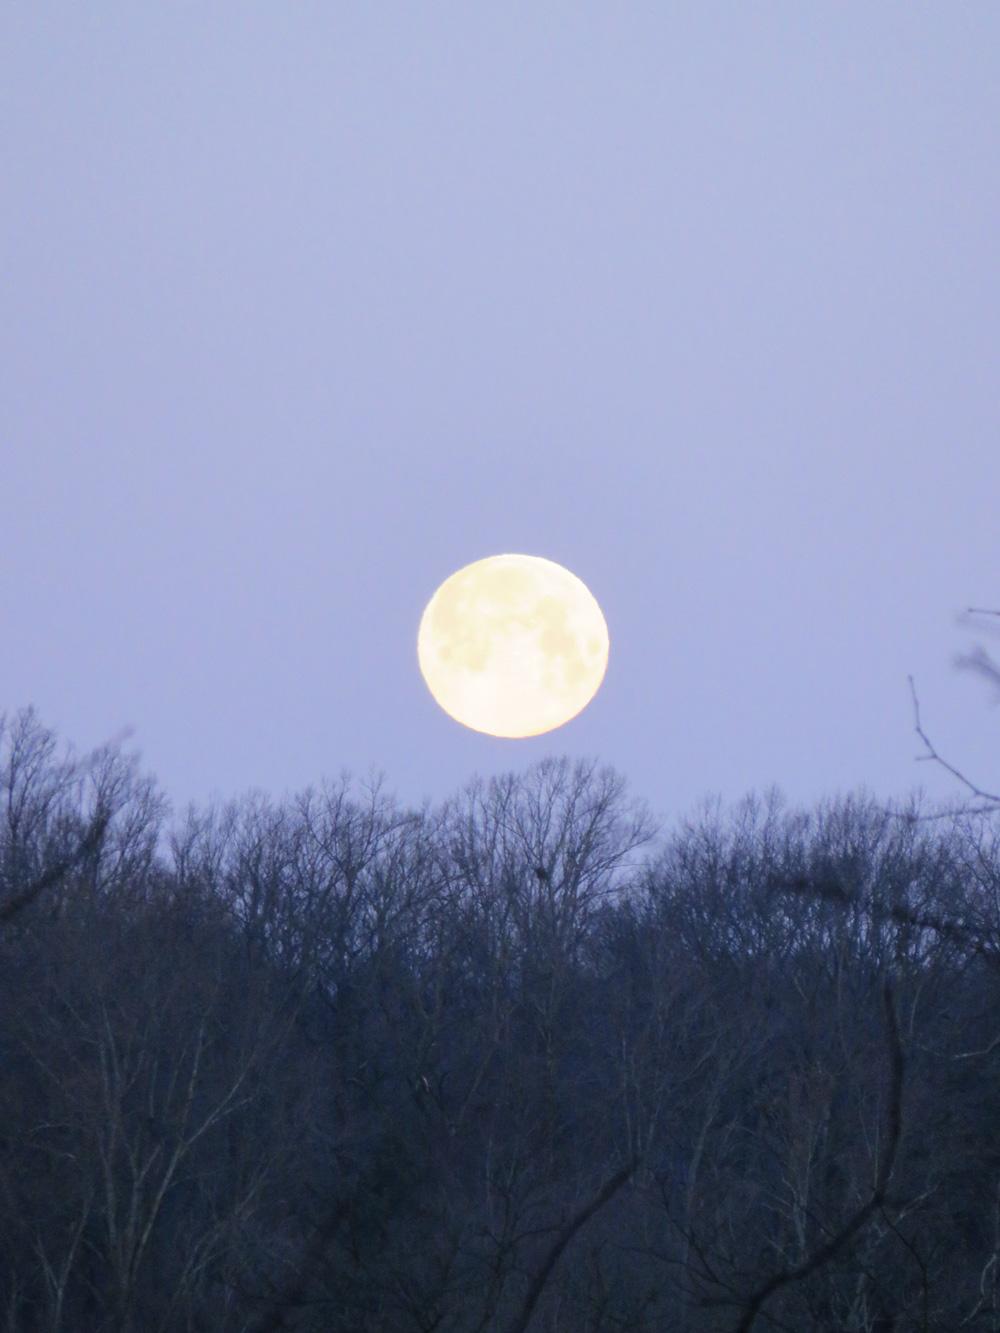 3月31日の満月。夜明けの朝7時ごろでも見れました。こちらの朝は、夏時間のため、明るくなるのが遅いんですね。